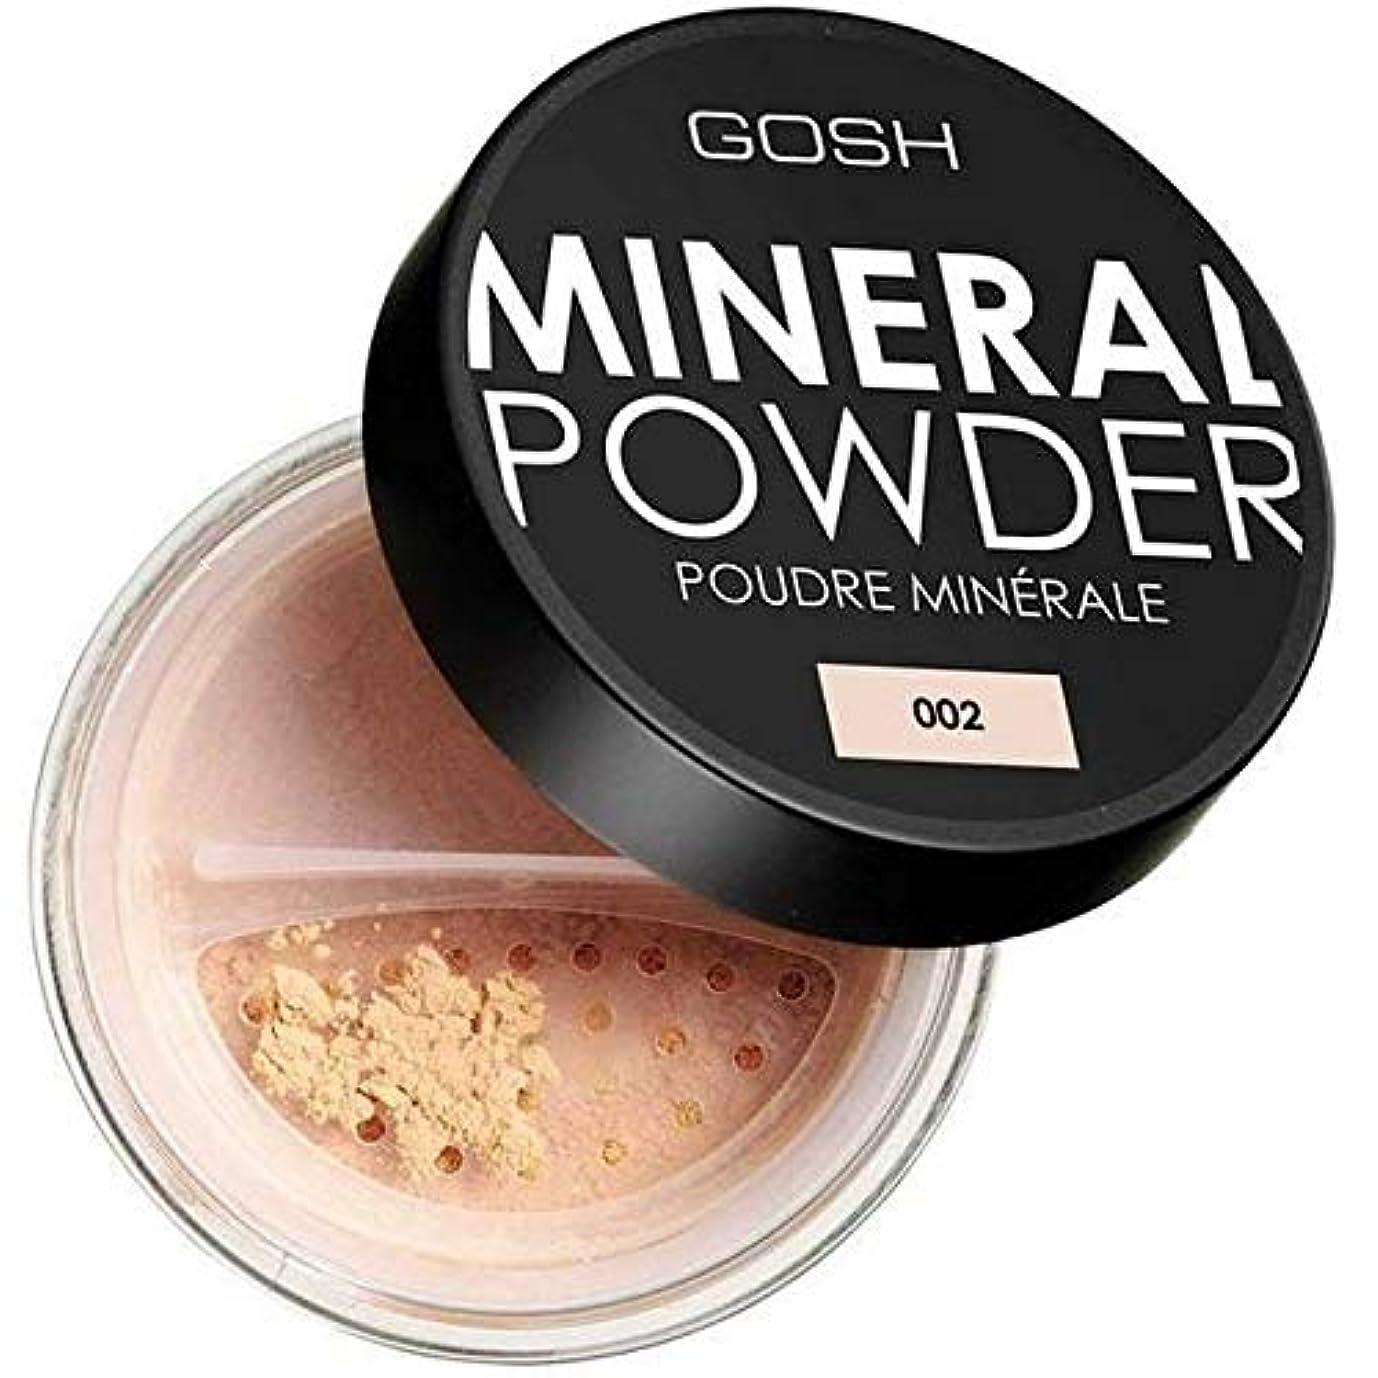 コーン寝るテセウス[GOSH ] おやっミネラルフルカバーファンデーションパウダーアイボリー002 - GOSH Mineral Full Coverage Foundation Powder Ivory 002 [並行輸入品]